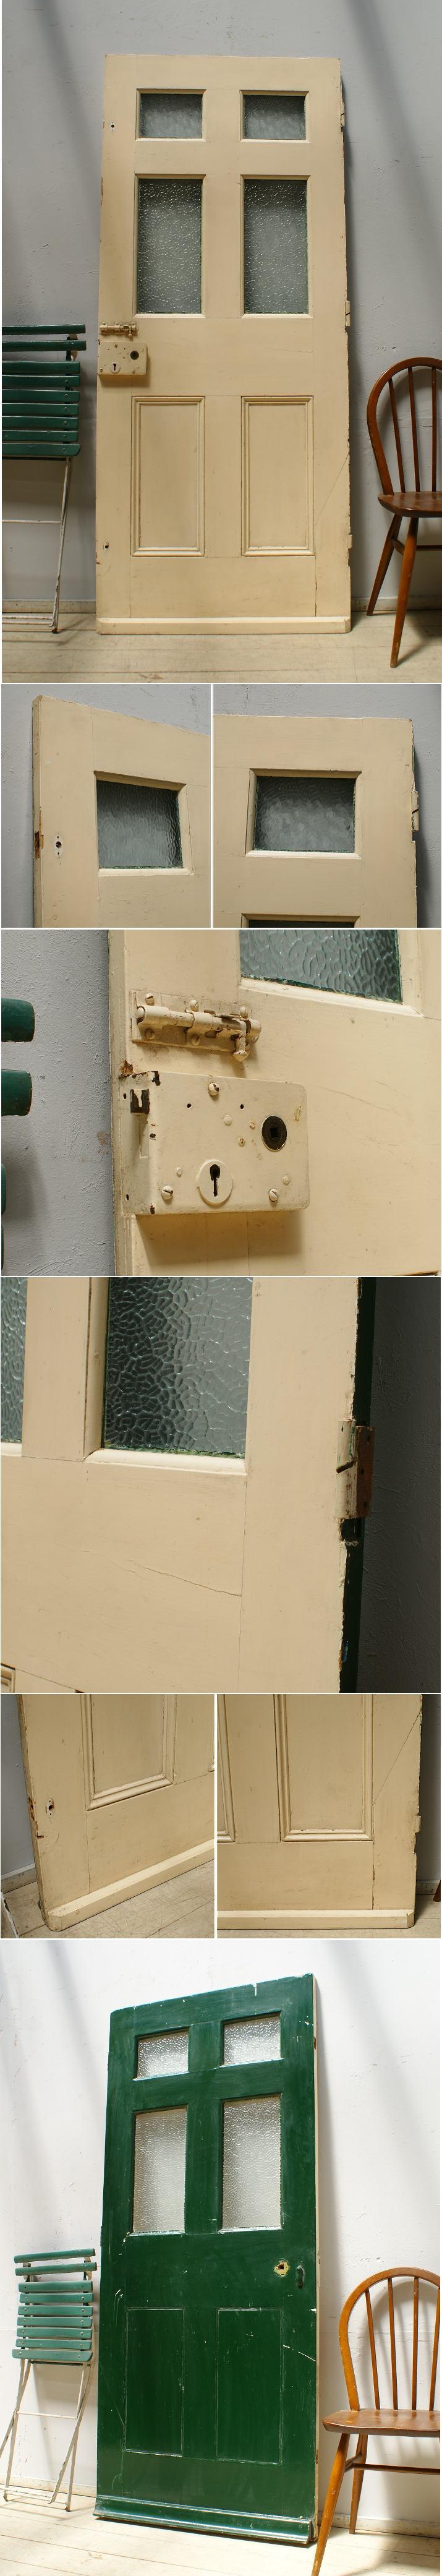 イギリス アンティーク ガラス入り木製ドア 扉 ディスプレイ 建具 6267